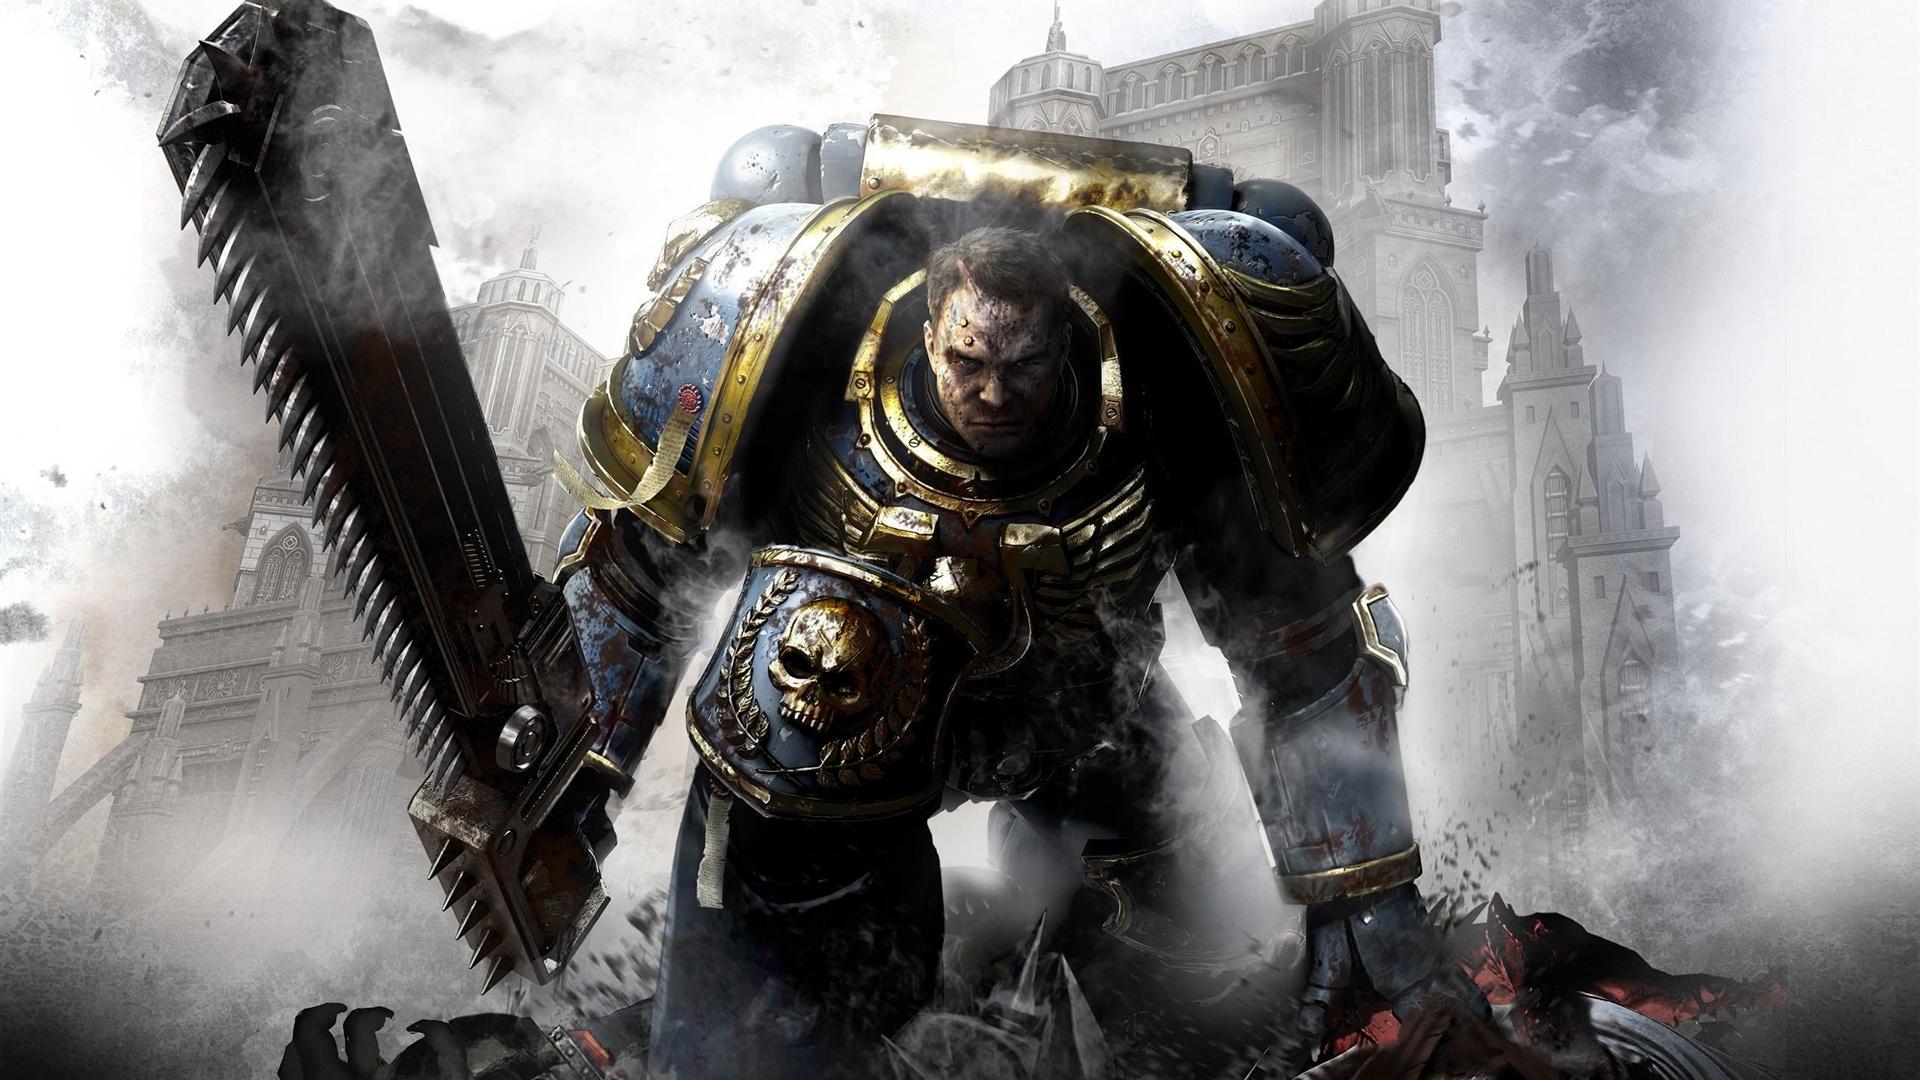 Warhammer 40k Space Marines: Wallpaper Warhammer 40000: Space Marine 2560x1600 HD